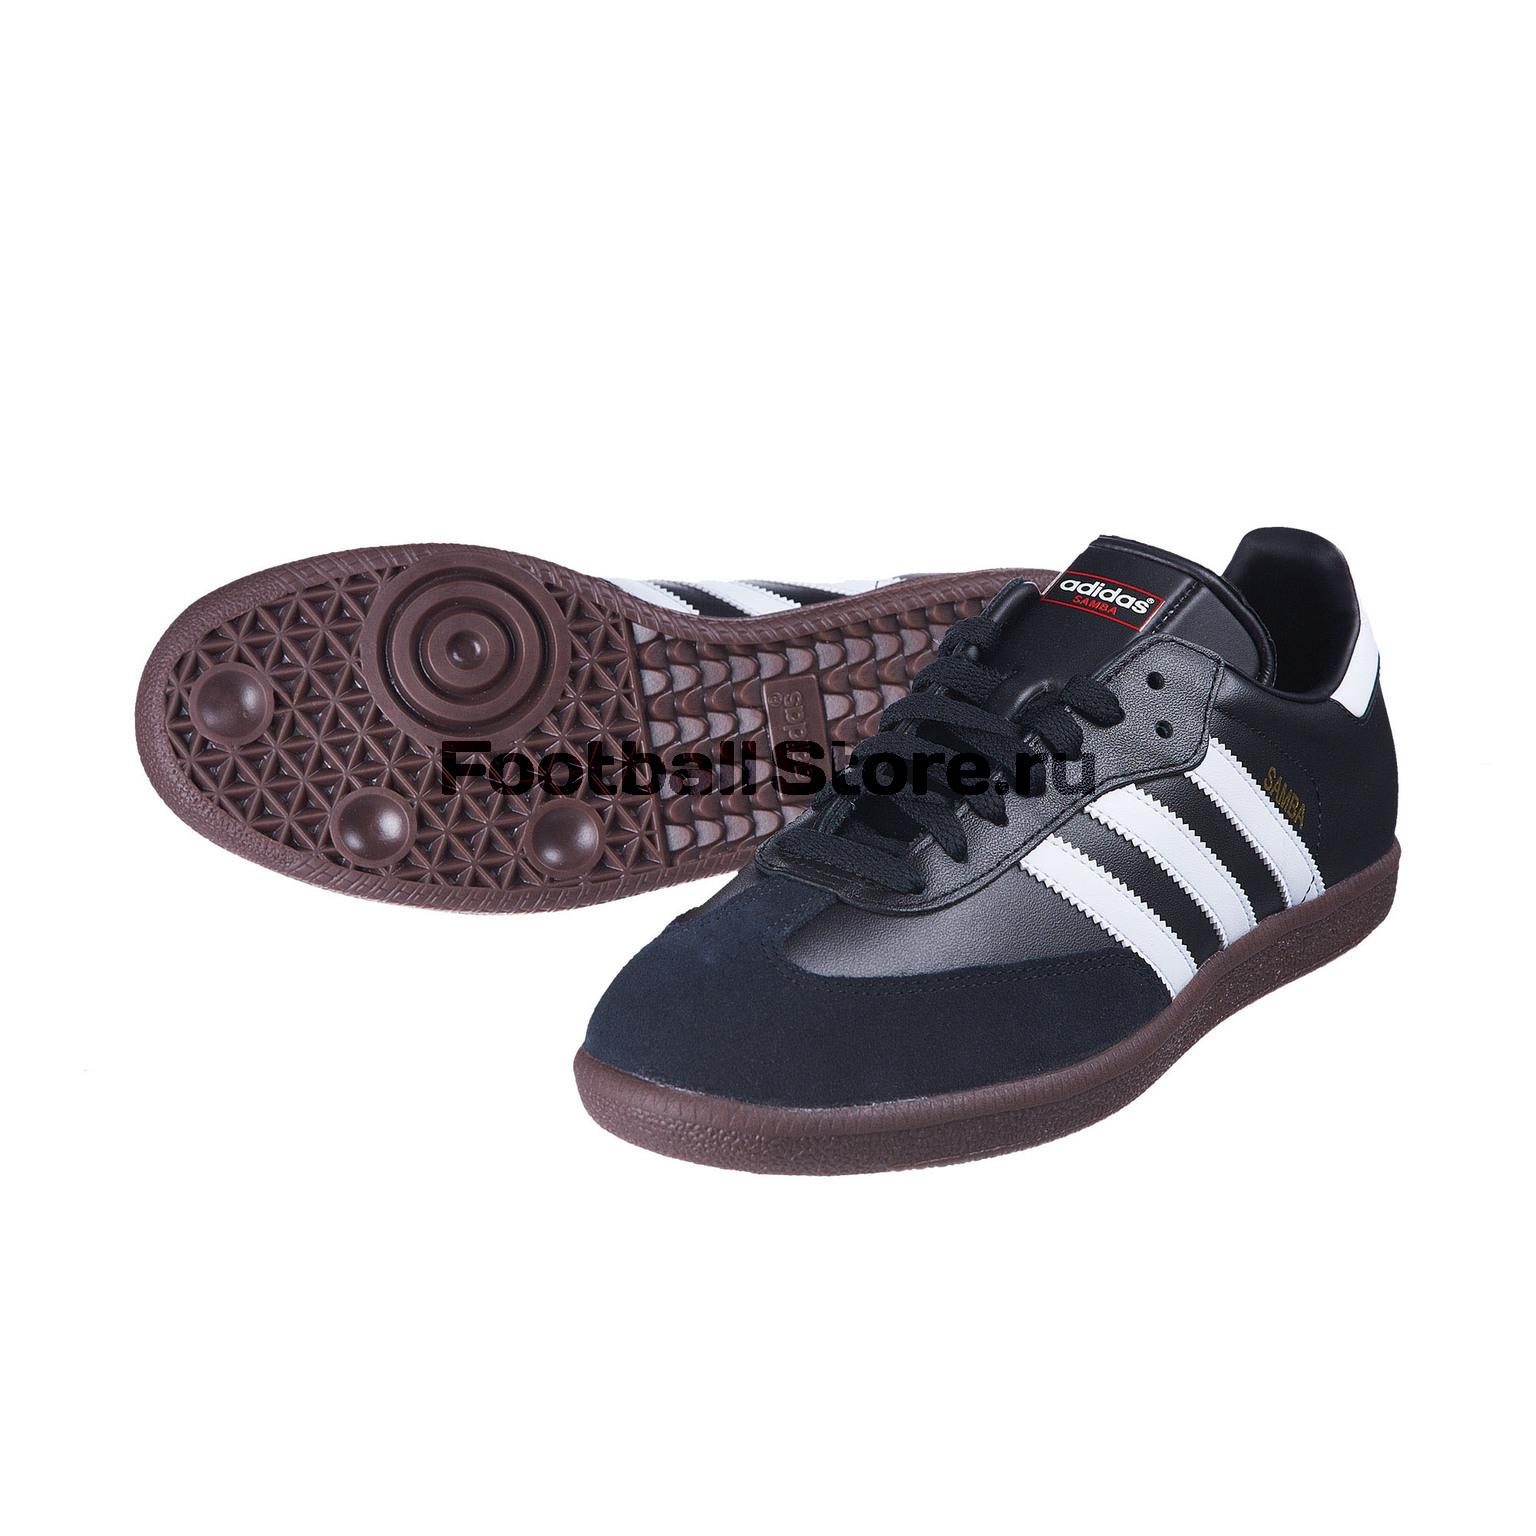 Обувь для зала Adidas Samba 19000 adidas adidas clover 2017 весенняя мужская повседневная серия x plr повседневная обувь bb1100 41 ярдов